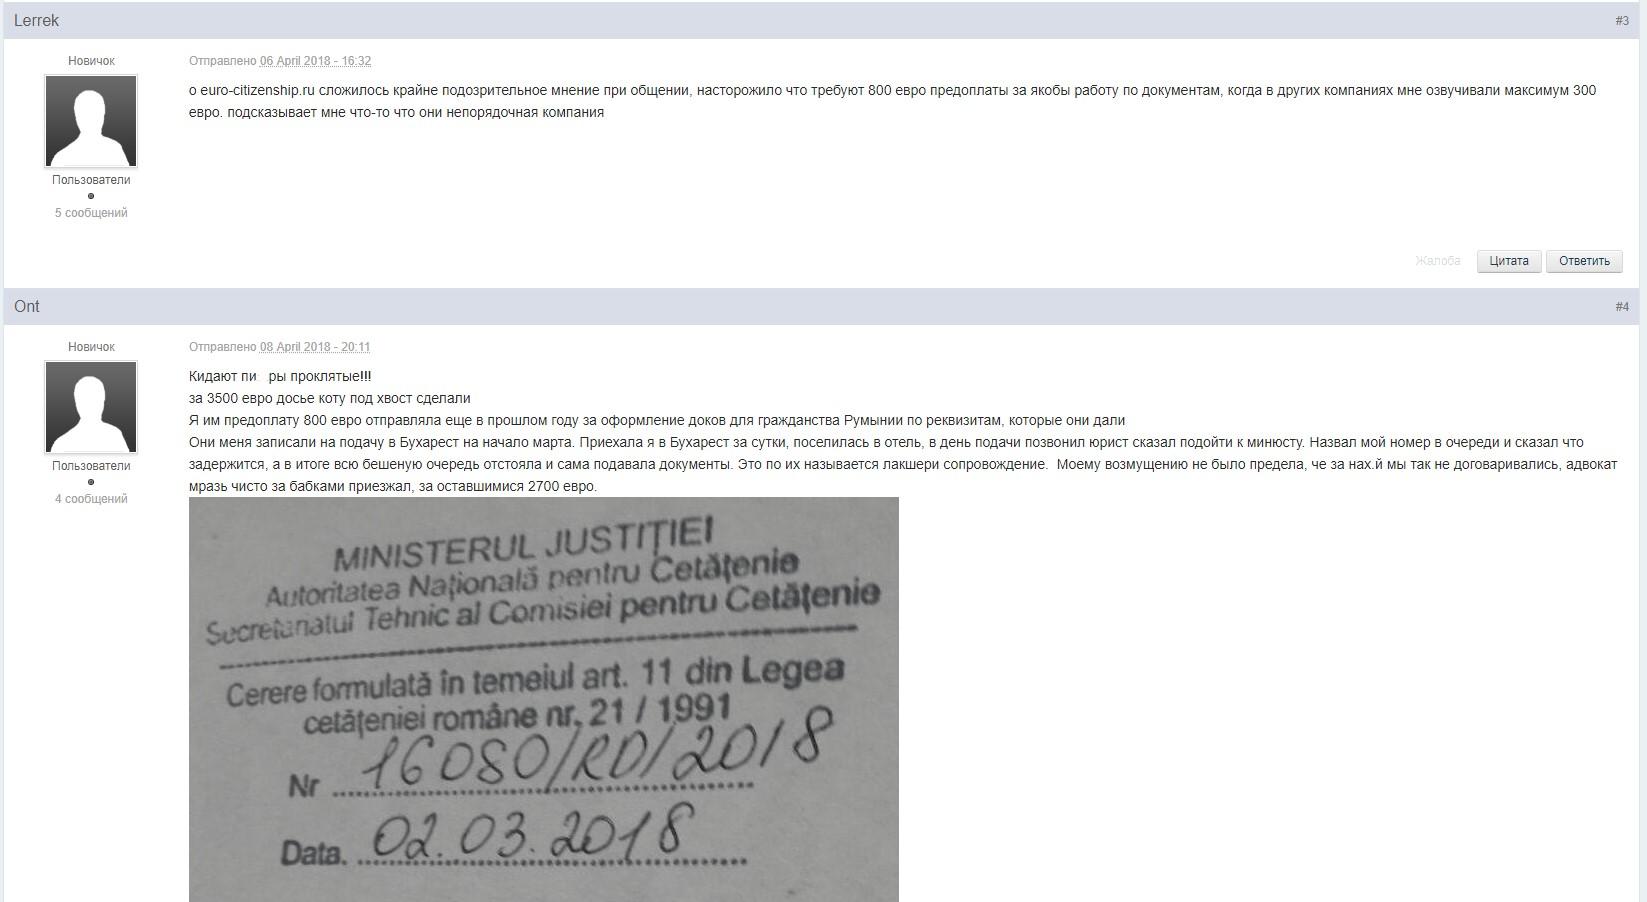 Отзывы о euro-citizenship.ru на forum-eu.com